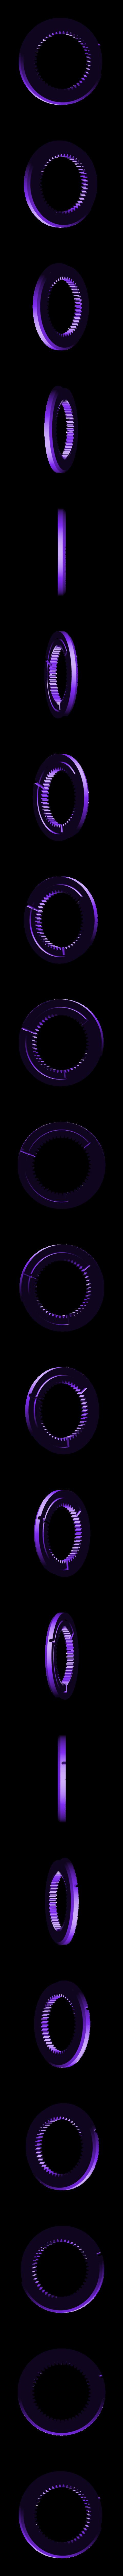 outer_body.stl Télécharger fichier STL gratuit Base LED 3 x 3W • Design pour imprimante 3D, Job